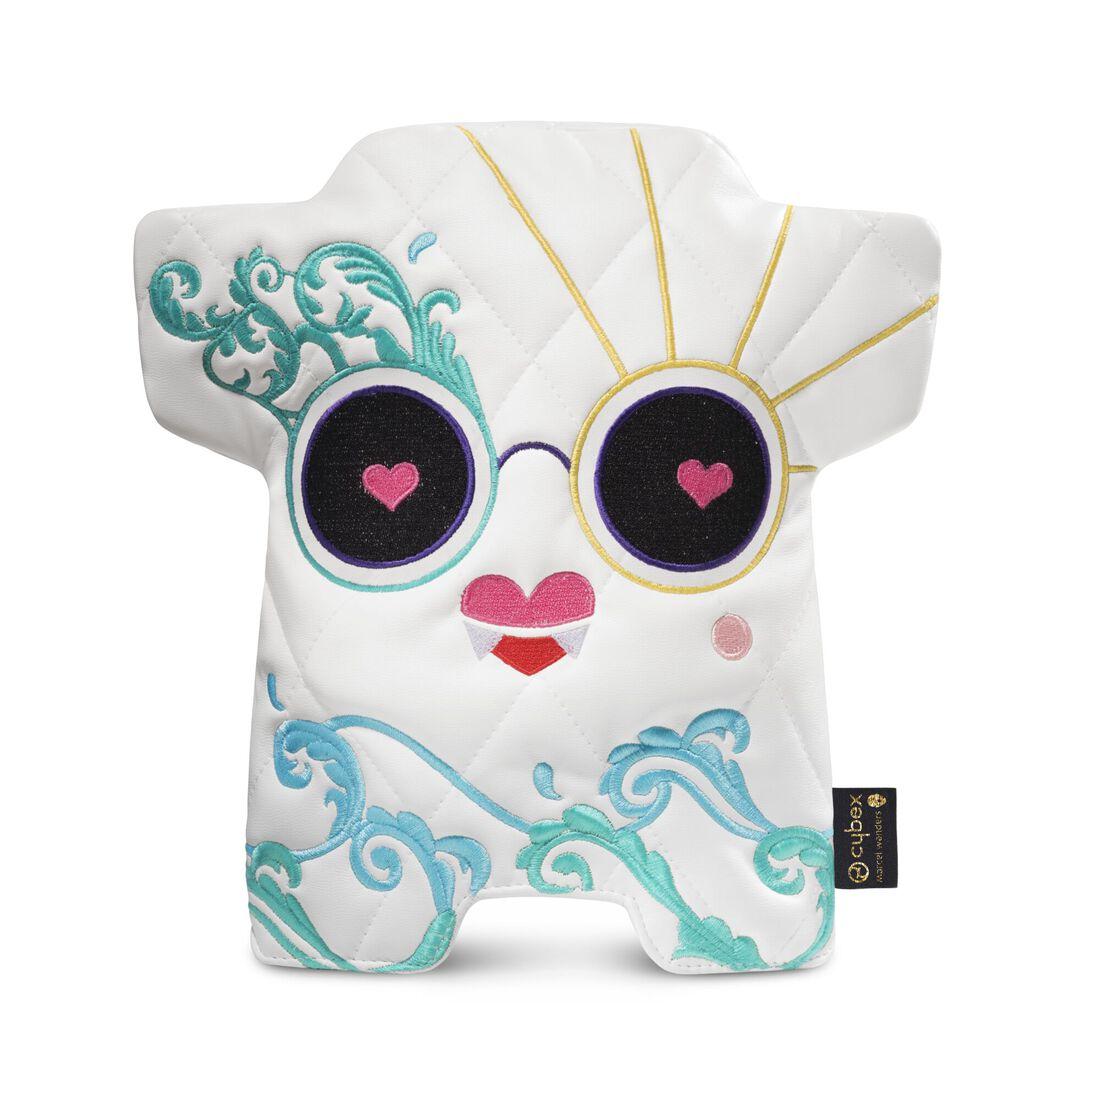 CYBEX Wanders Monster Toy - Love Guru in Love Guru large image number 1